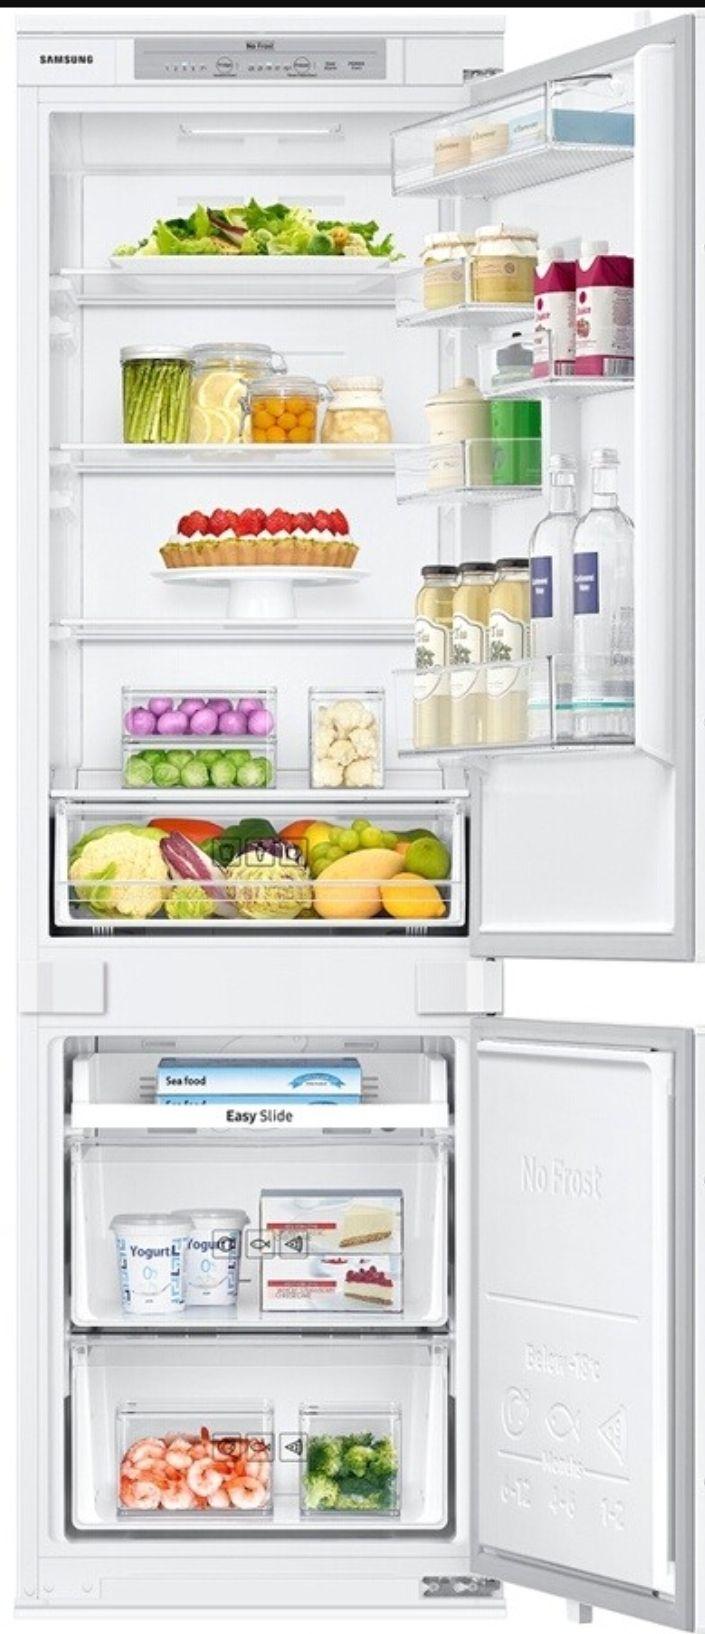 Réfrigérateur congélateur Samsung BRB260010WW - 268L, Classe A+